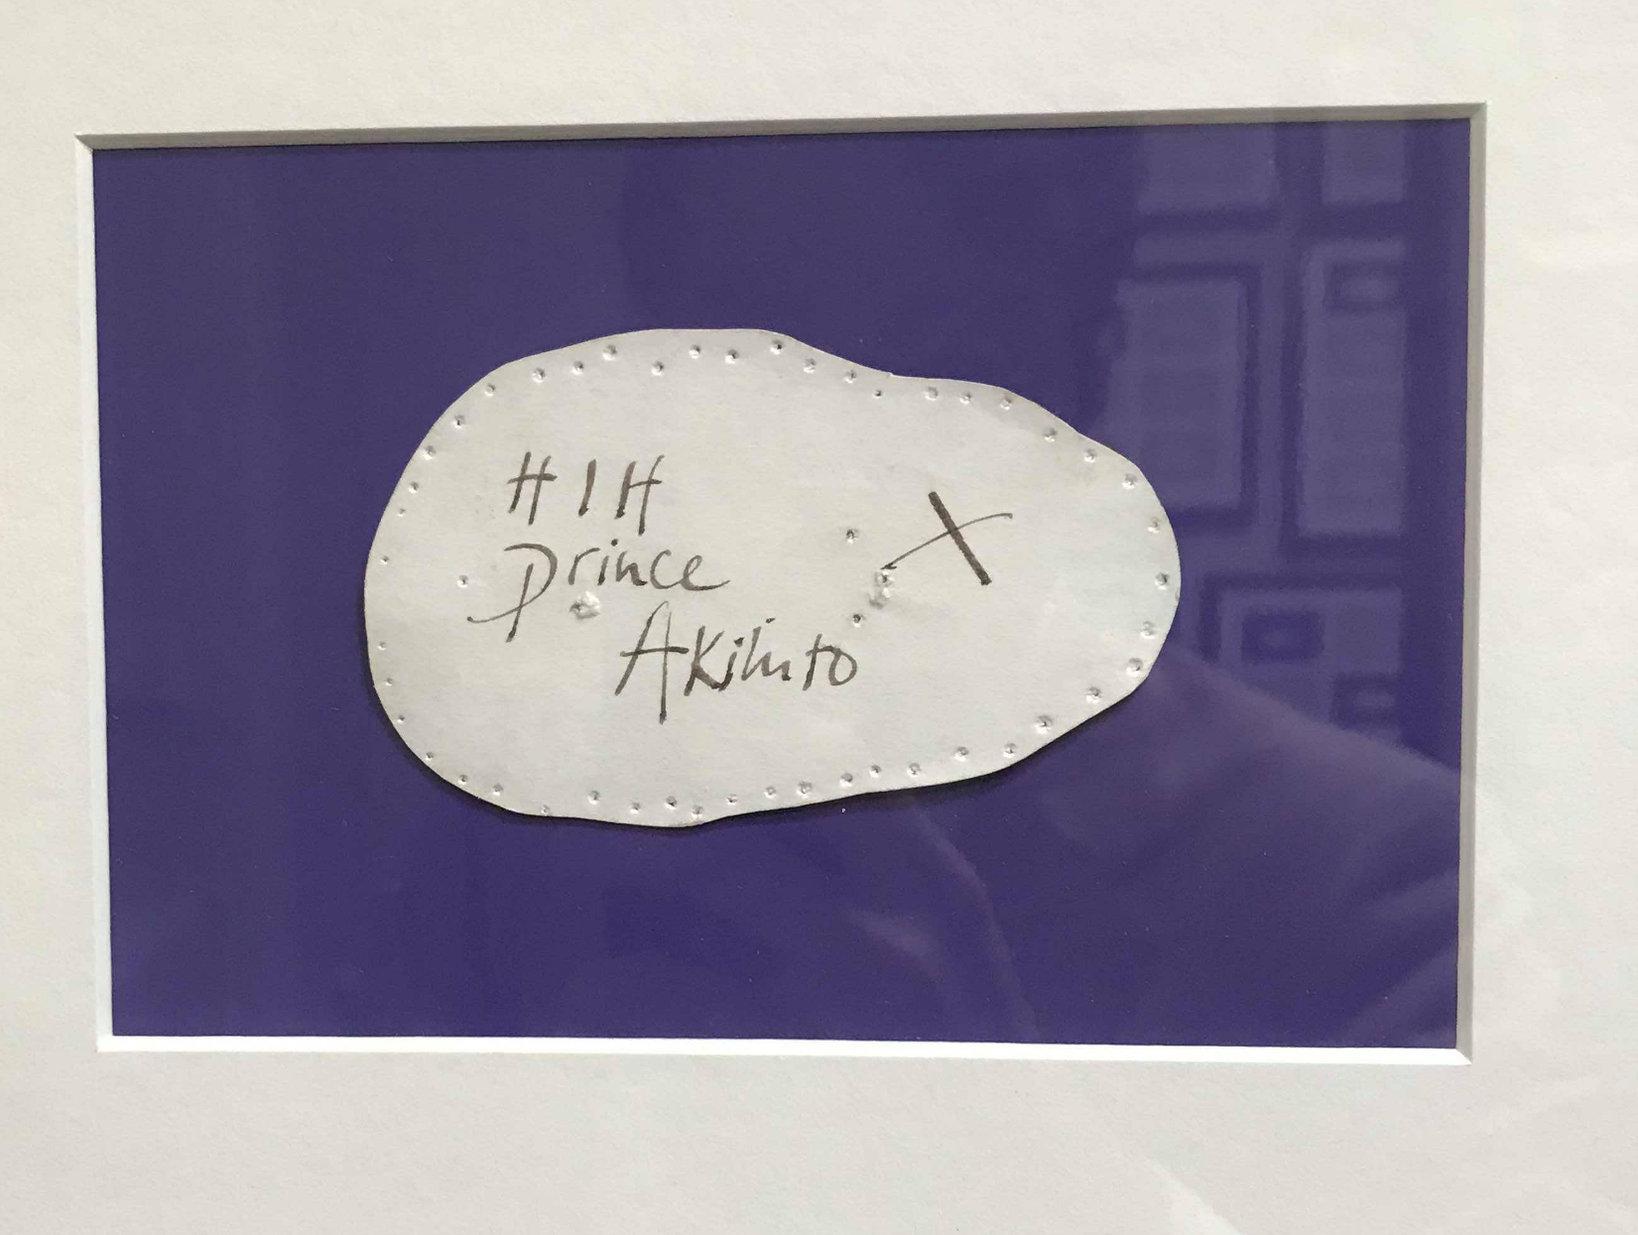 皇太子時代の今上天皇のコンフォームカード。フィッティングの模様を捉えた写真がLock & Co.に展示されている。